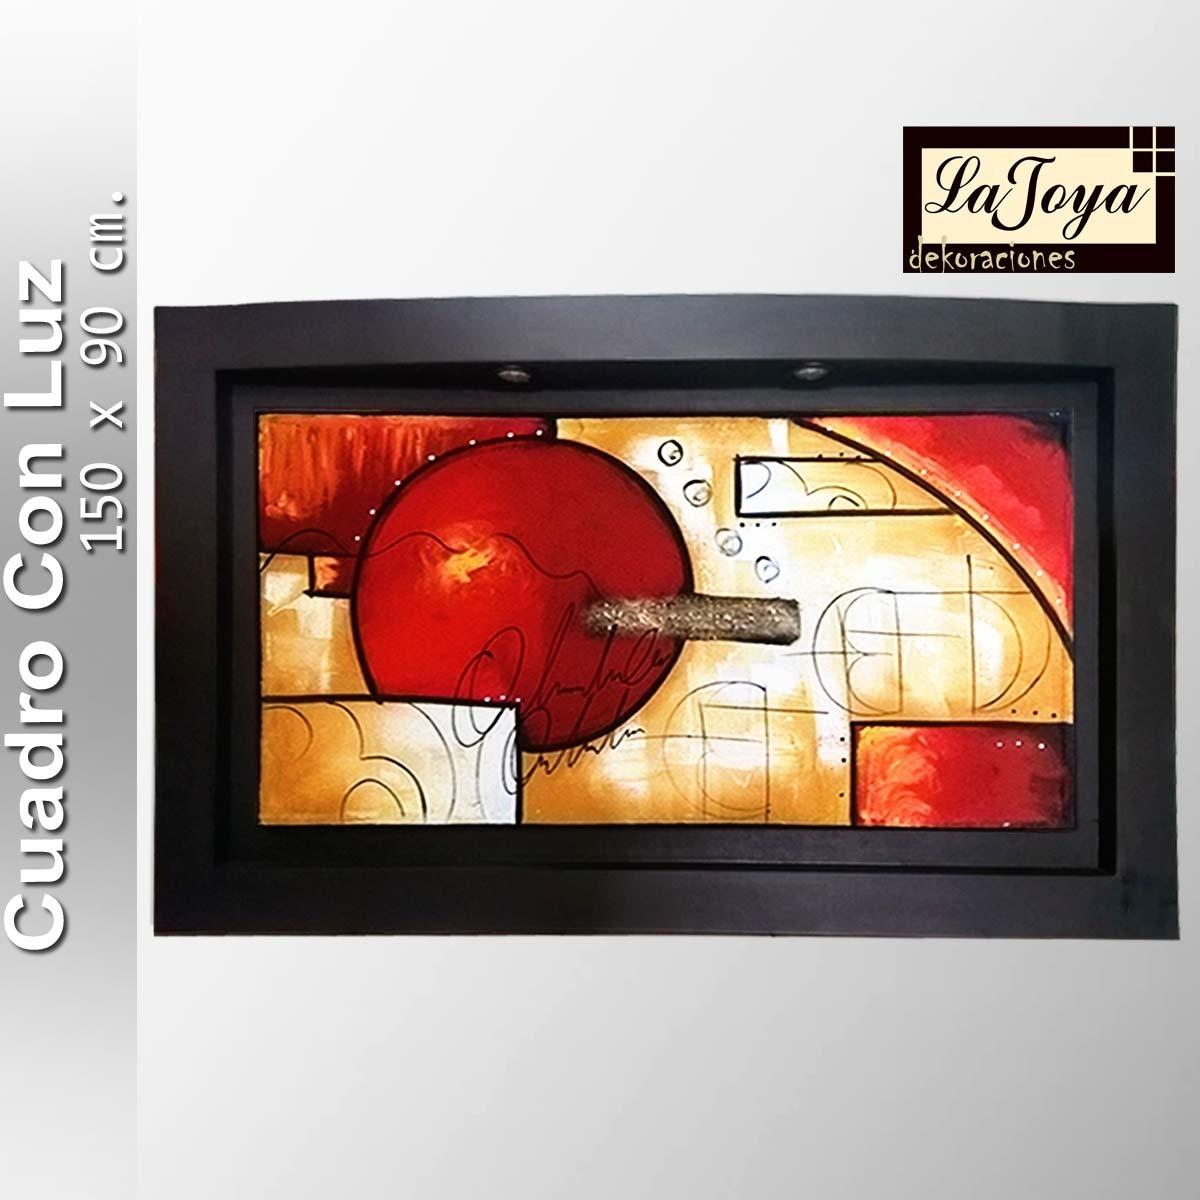 Cuadros minimalistas abstractos religiosos 1 399 for Imagenes de cuadros abstractos rusticos